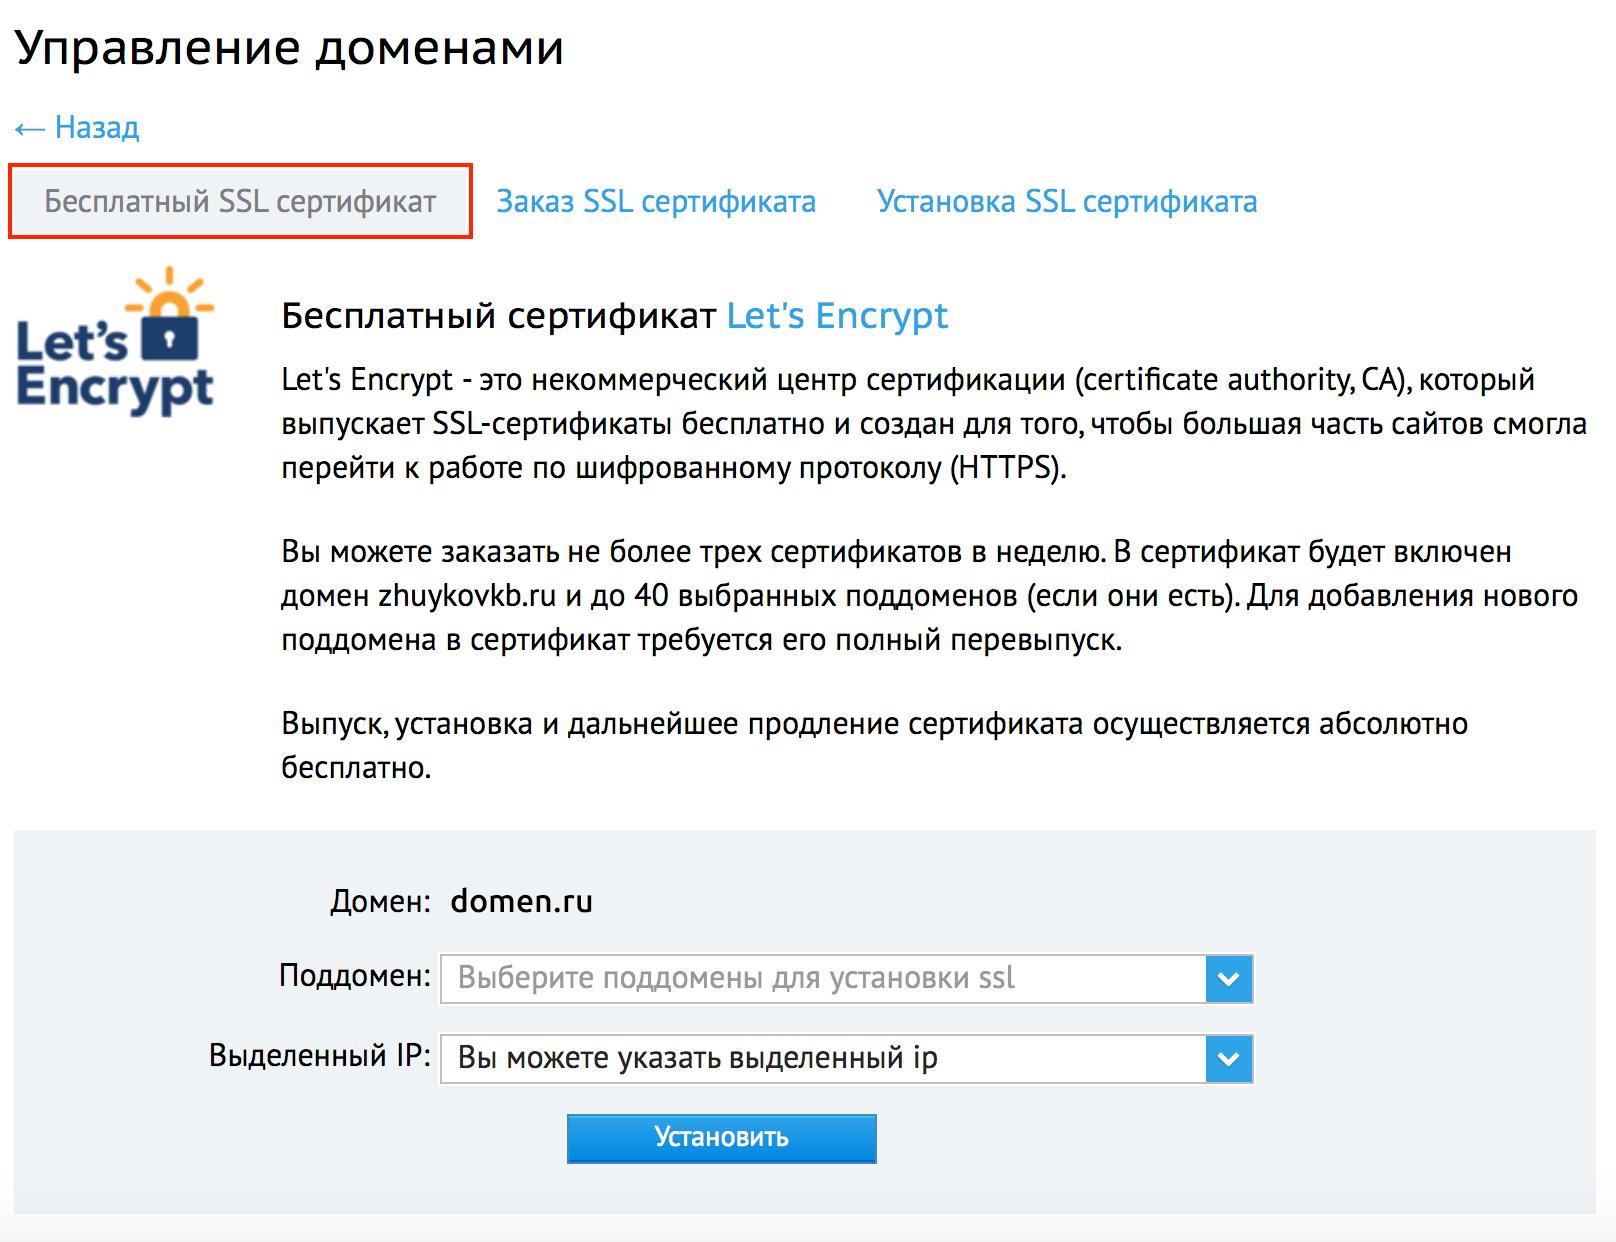 Получить бесплатный SSL-сертификат в beget